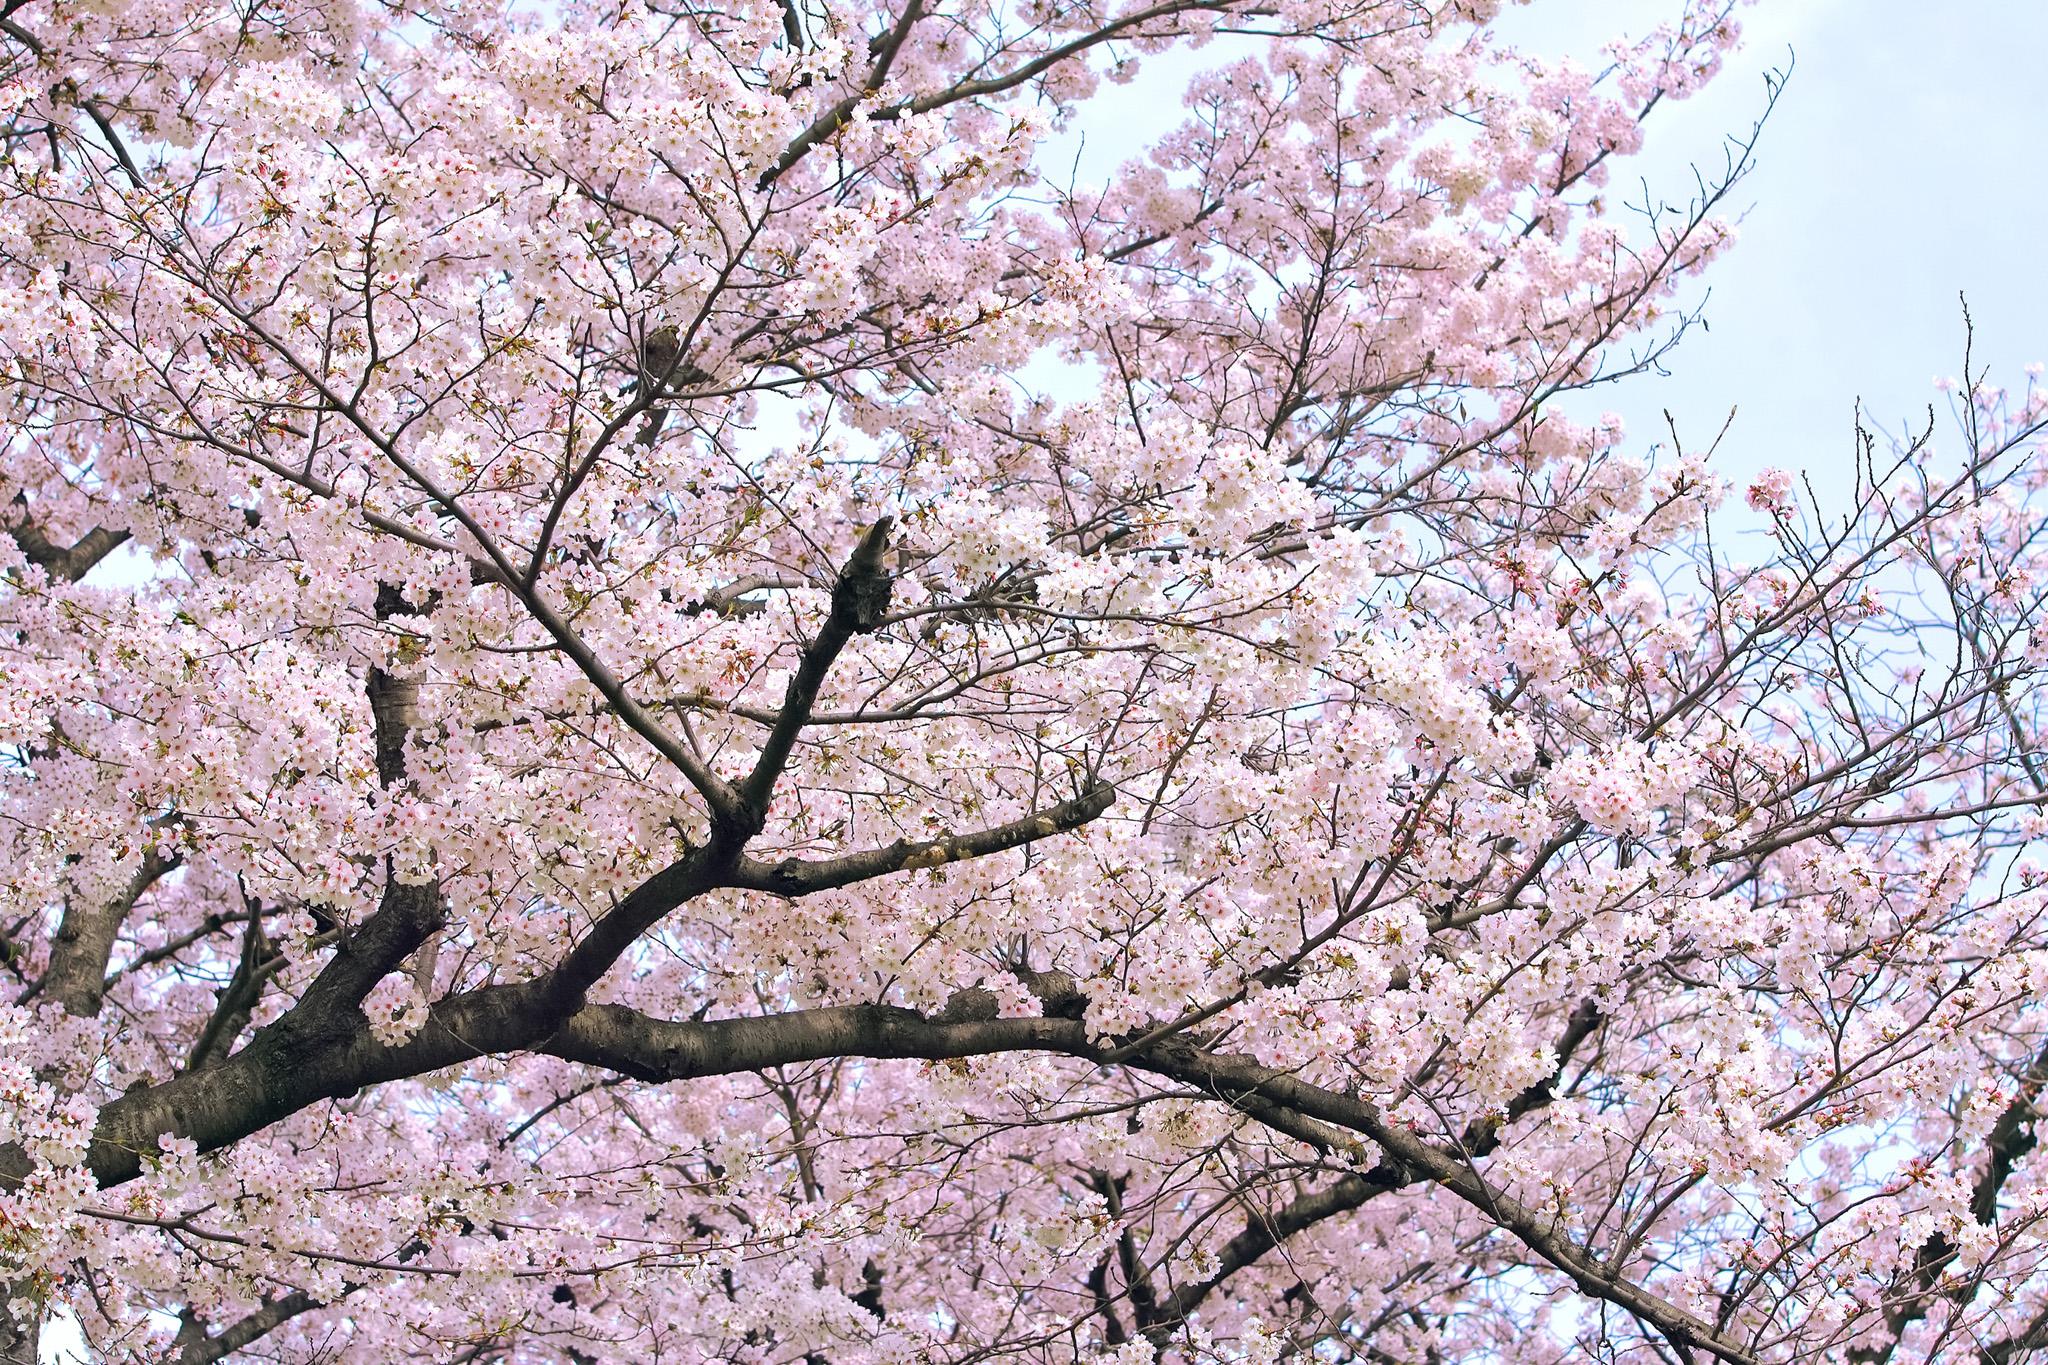 「桜と薄曇りの空」の画像を無料ダウンロード